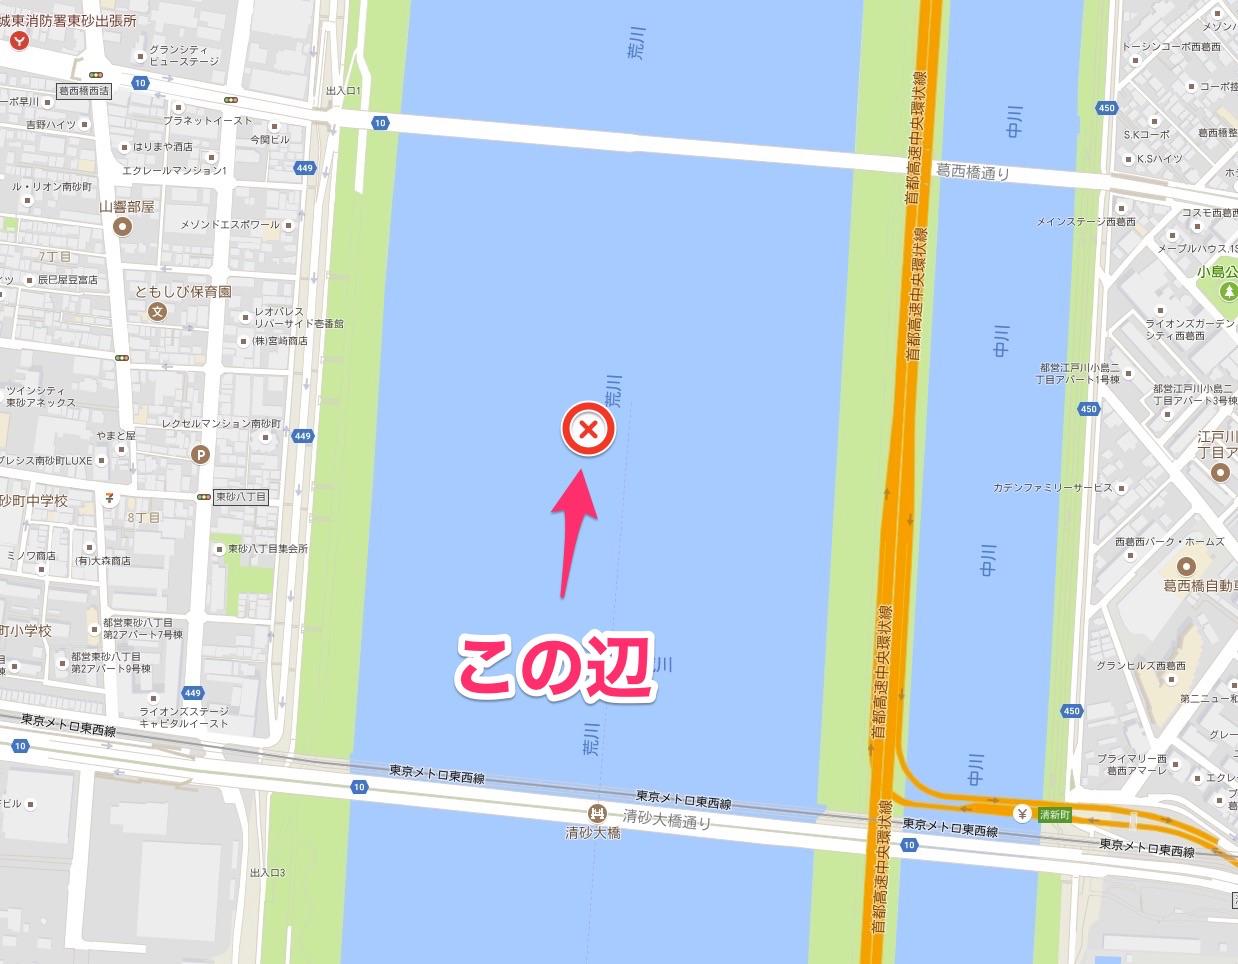 Koutouhanabi map1